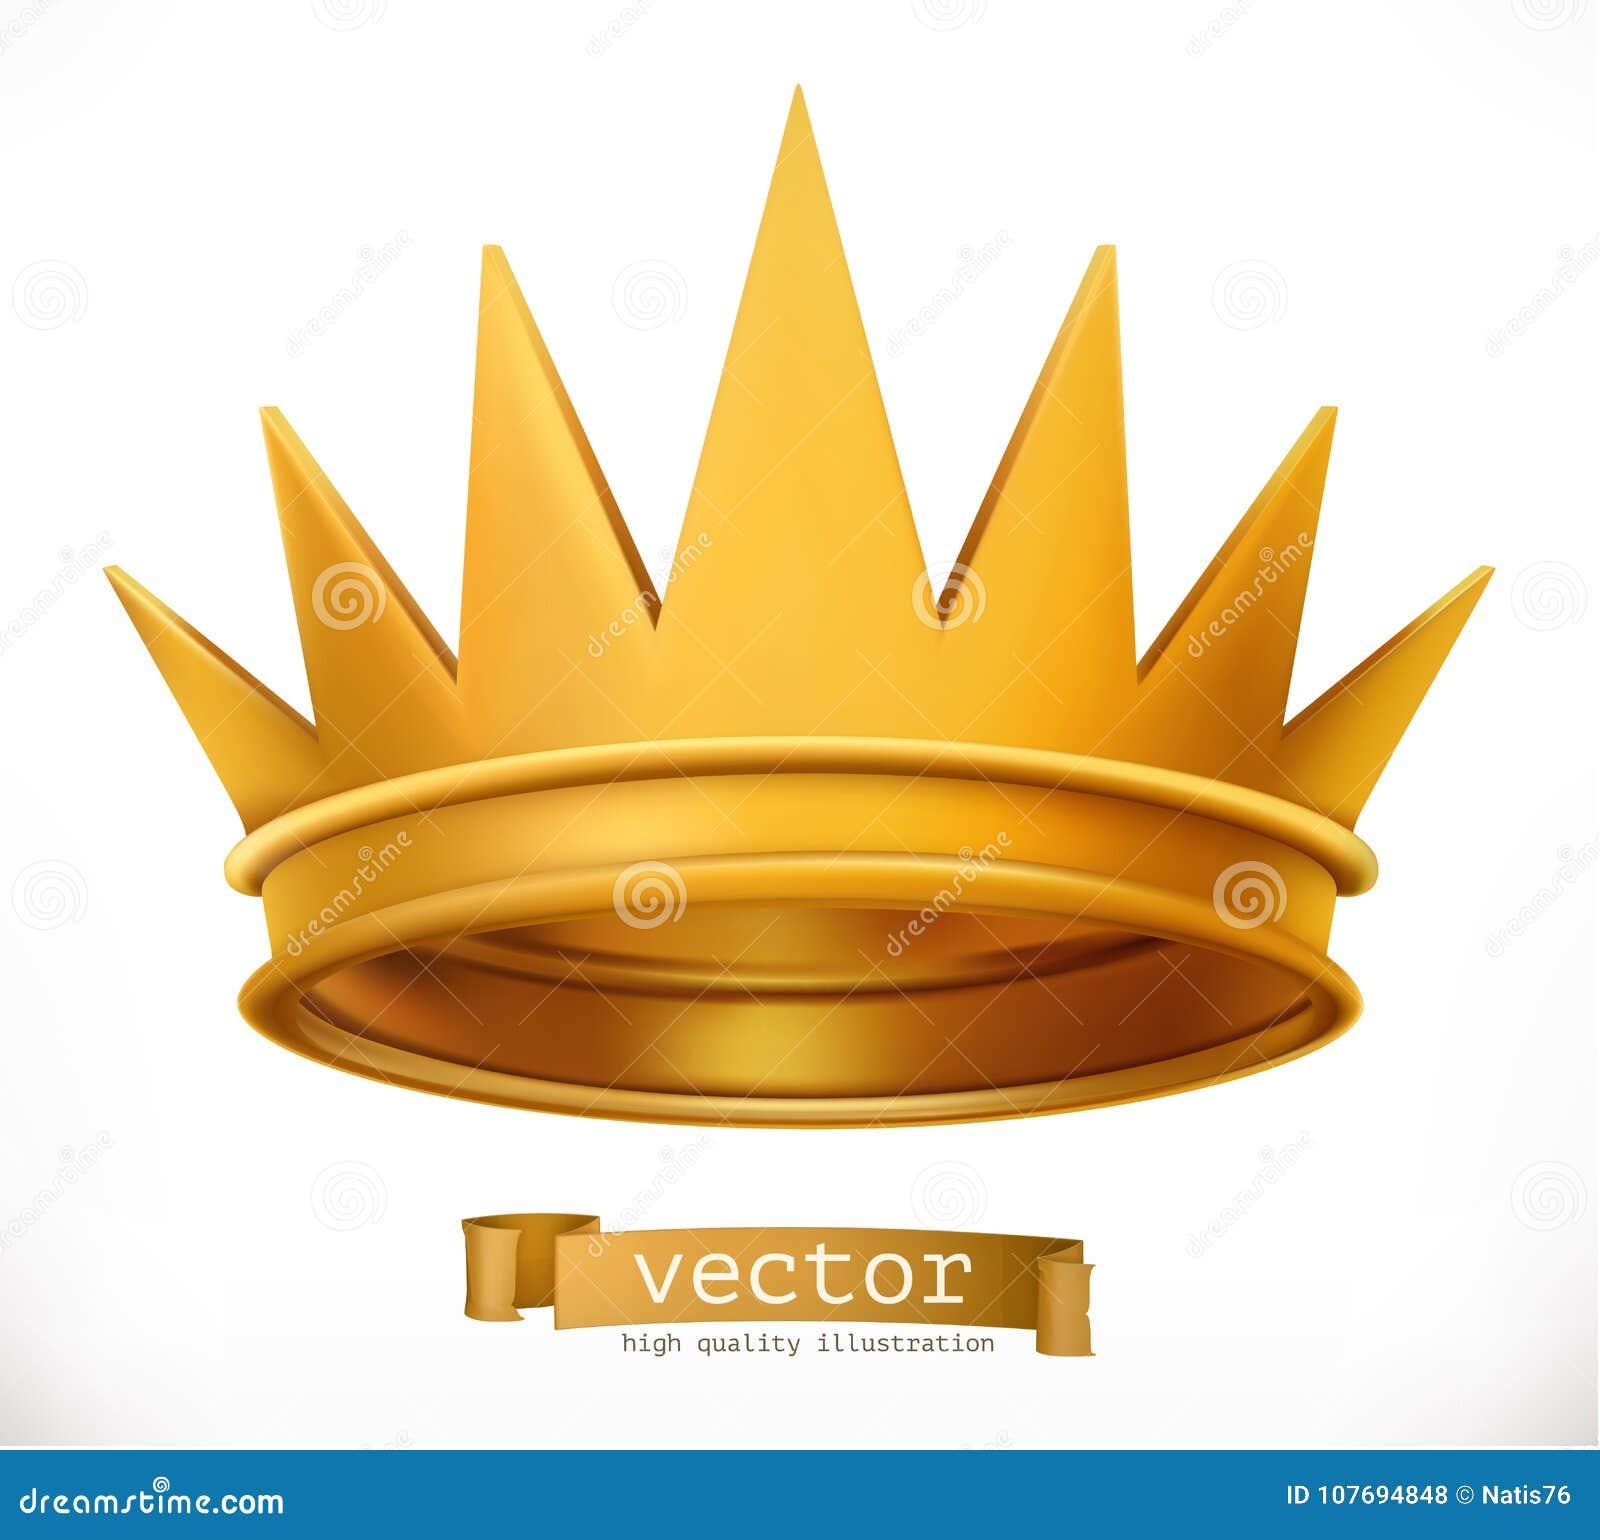 κόκκινα ρουμπίνια μαργαριταριών κορωνών χρυσά βασιλιάς διάνυσμα εικονιδίων εργαλείων